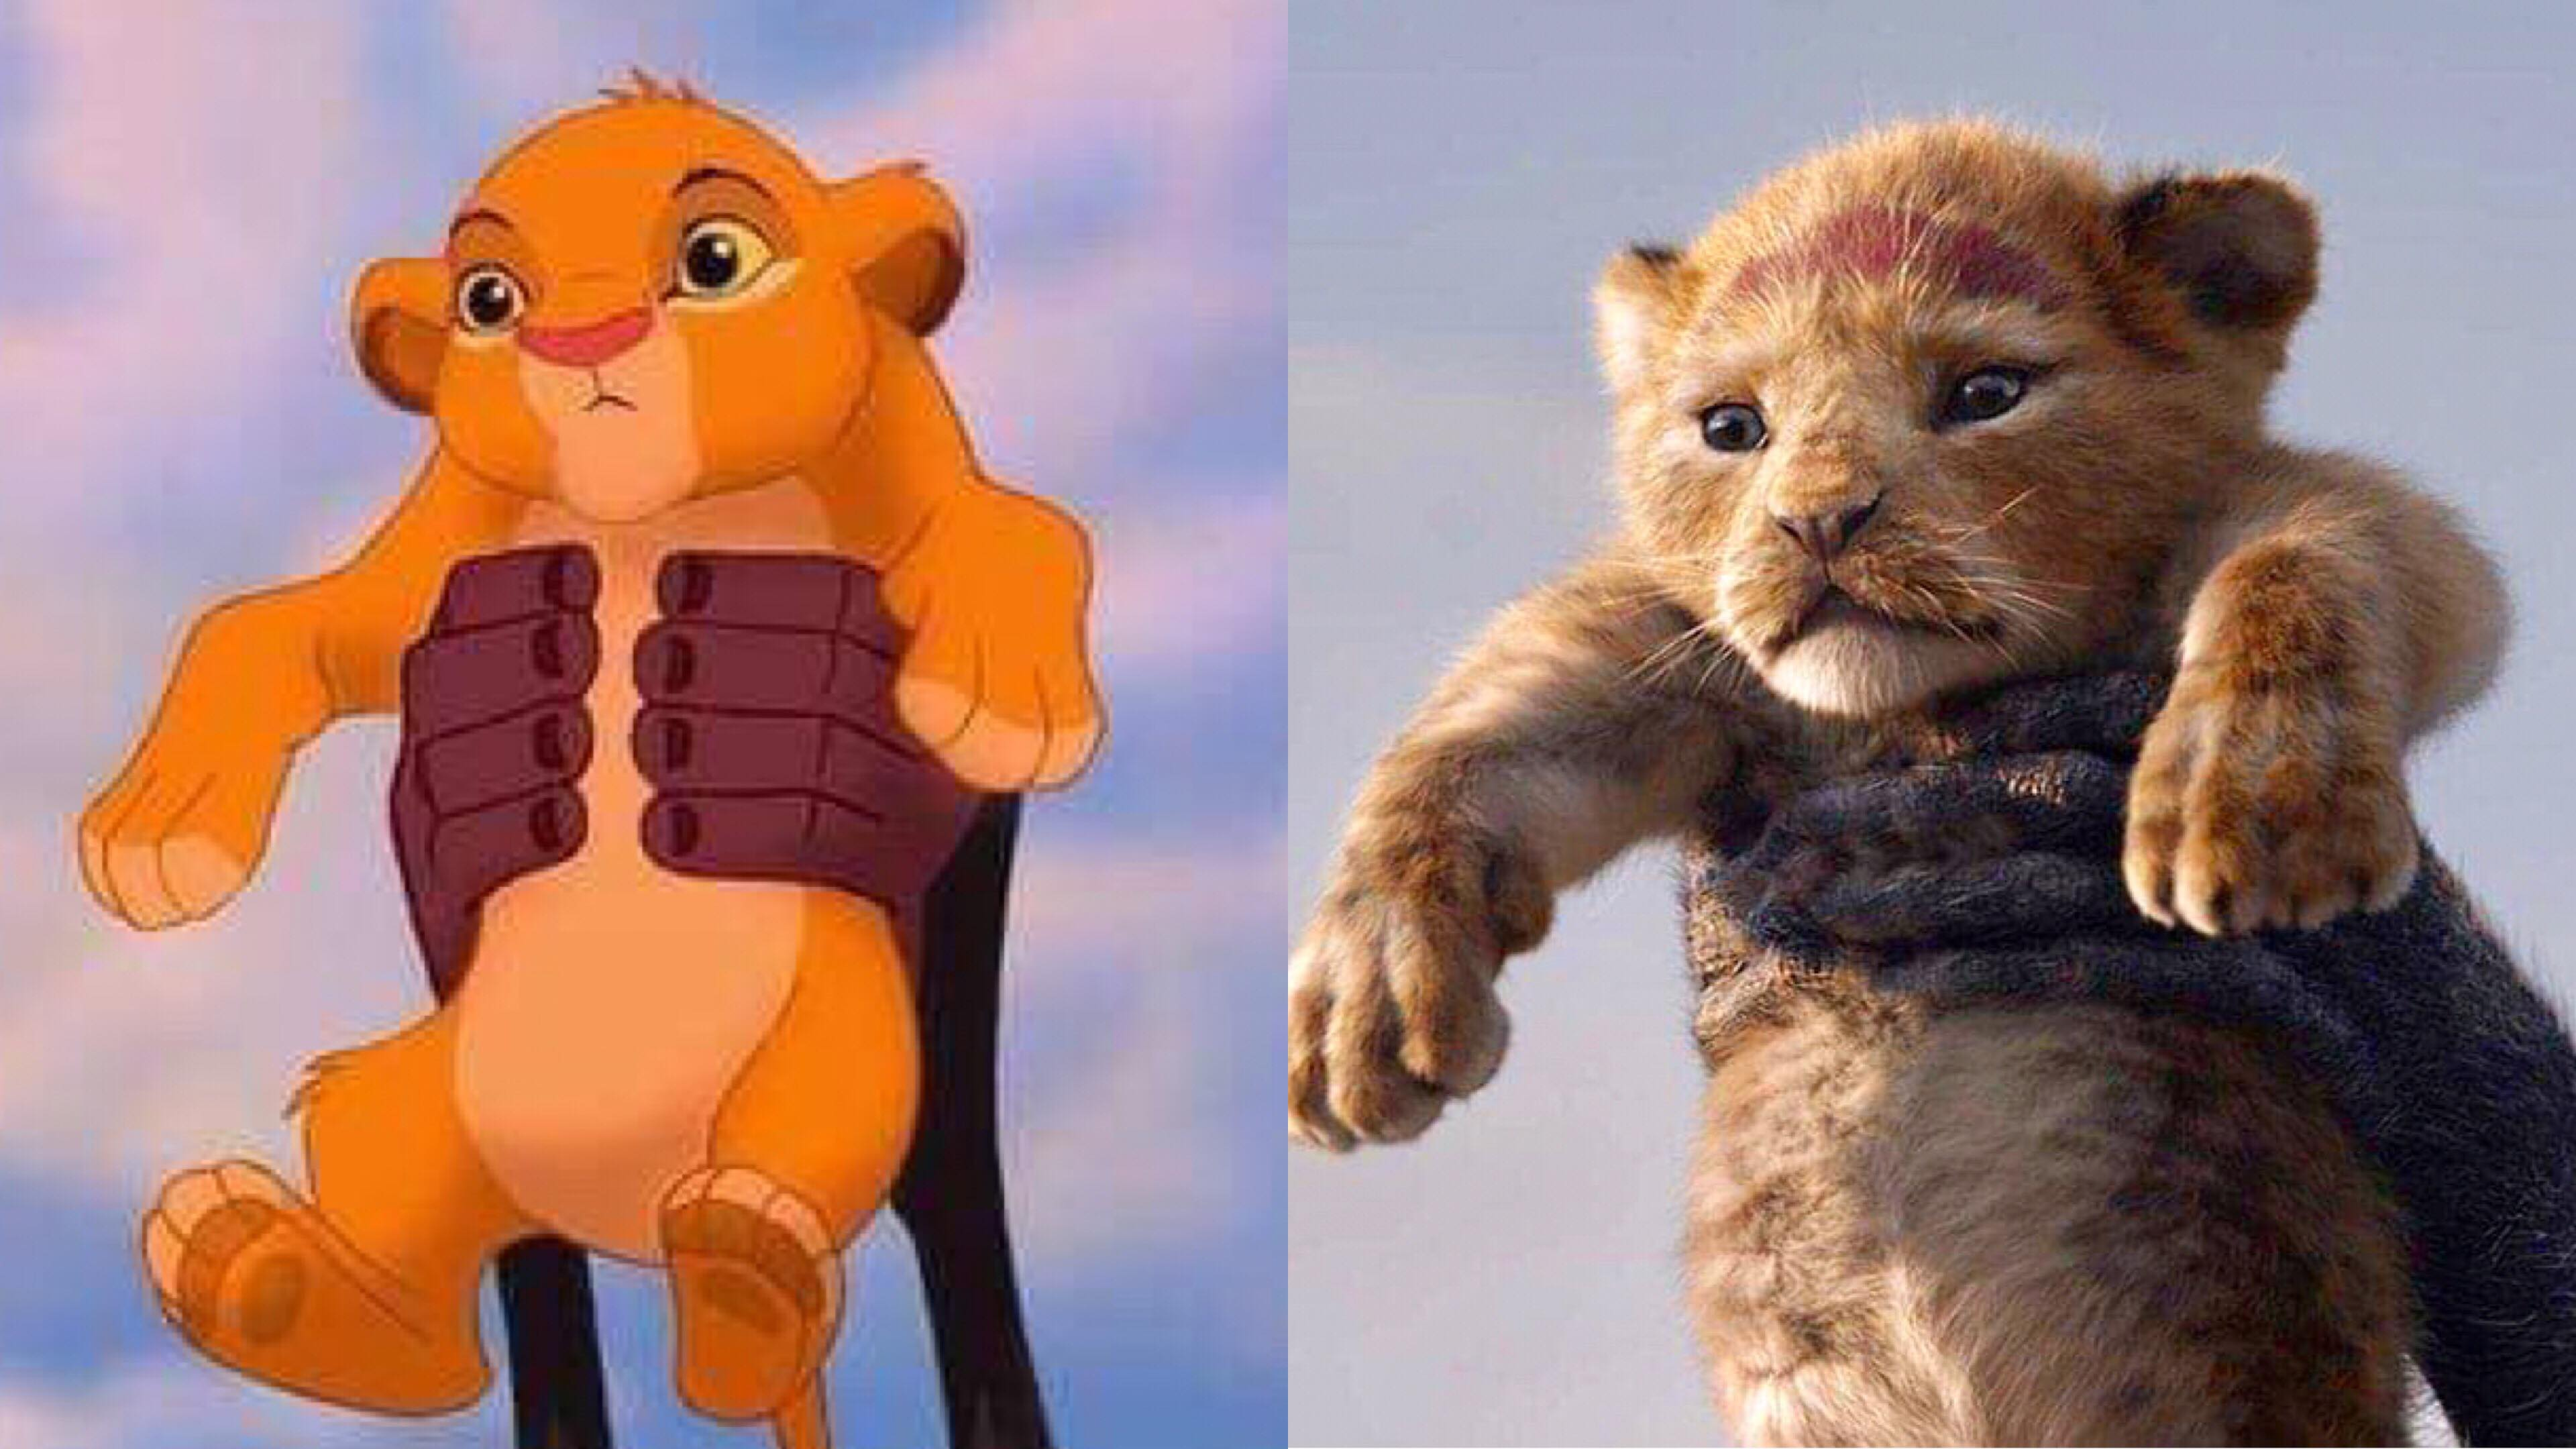 「《獅子王》動物全程面癱?」這 3 點分析告訴你,為什麼真人版無法超越經典! – 我們用電影寫日記